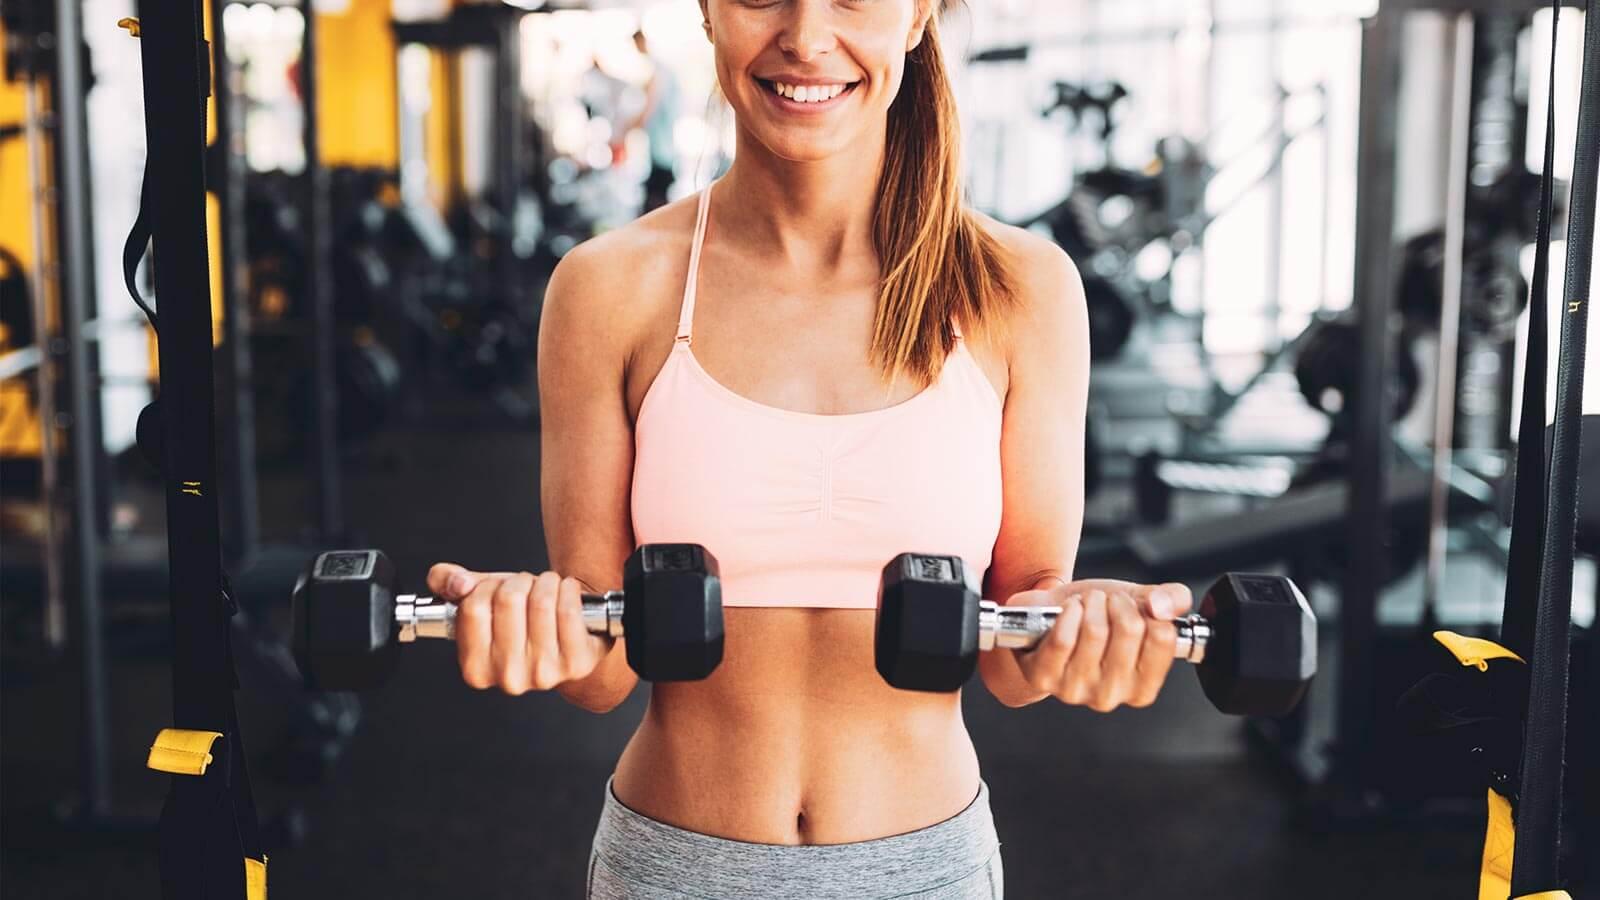 Comment Perdre 1 KG en un Jour ? - YouTube | Perdre du poids, Perdre 5 livres, Perte de graisse